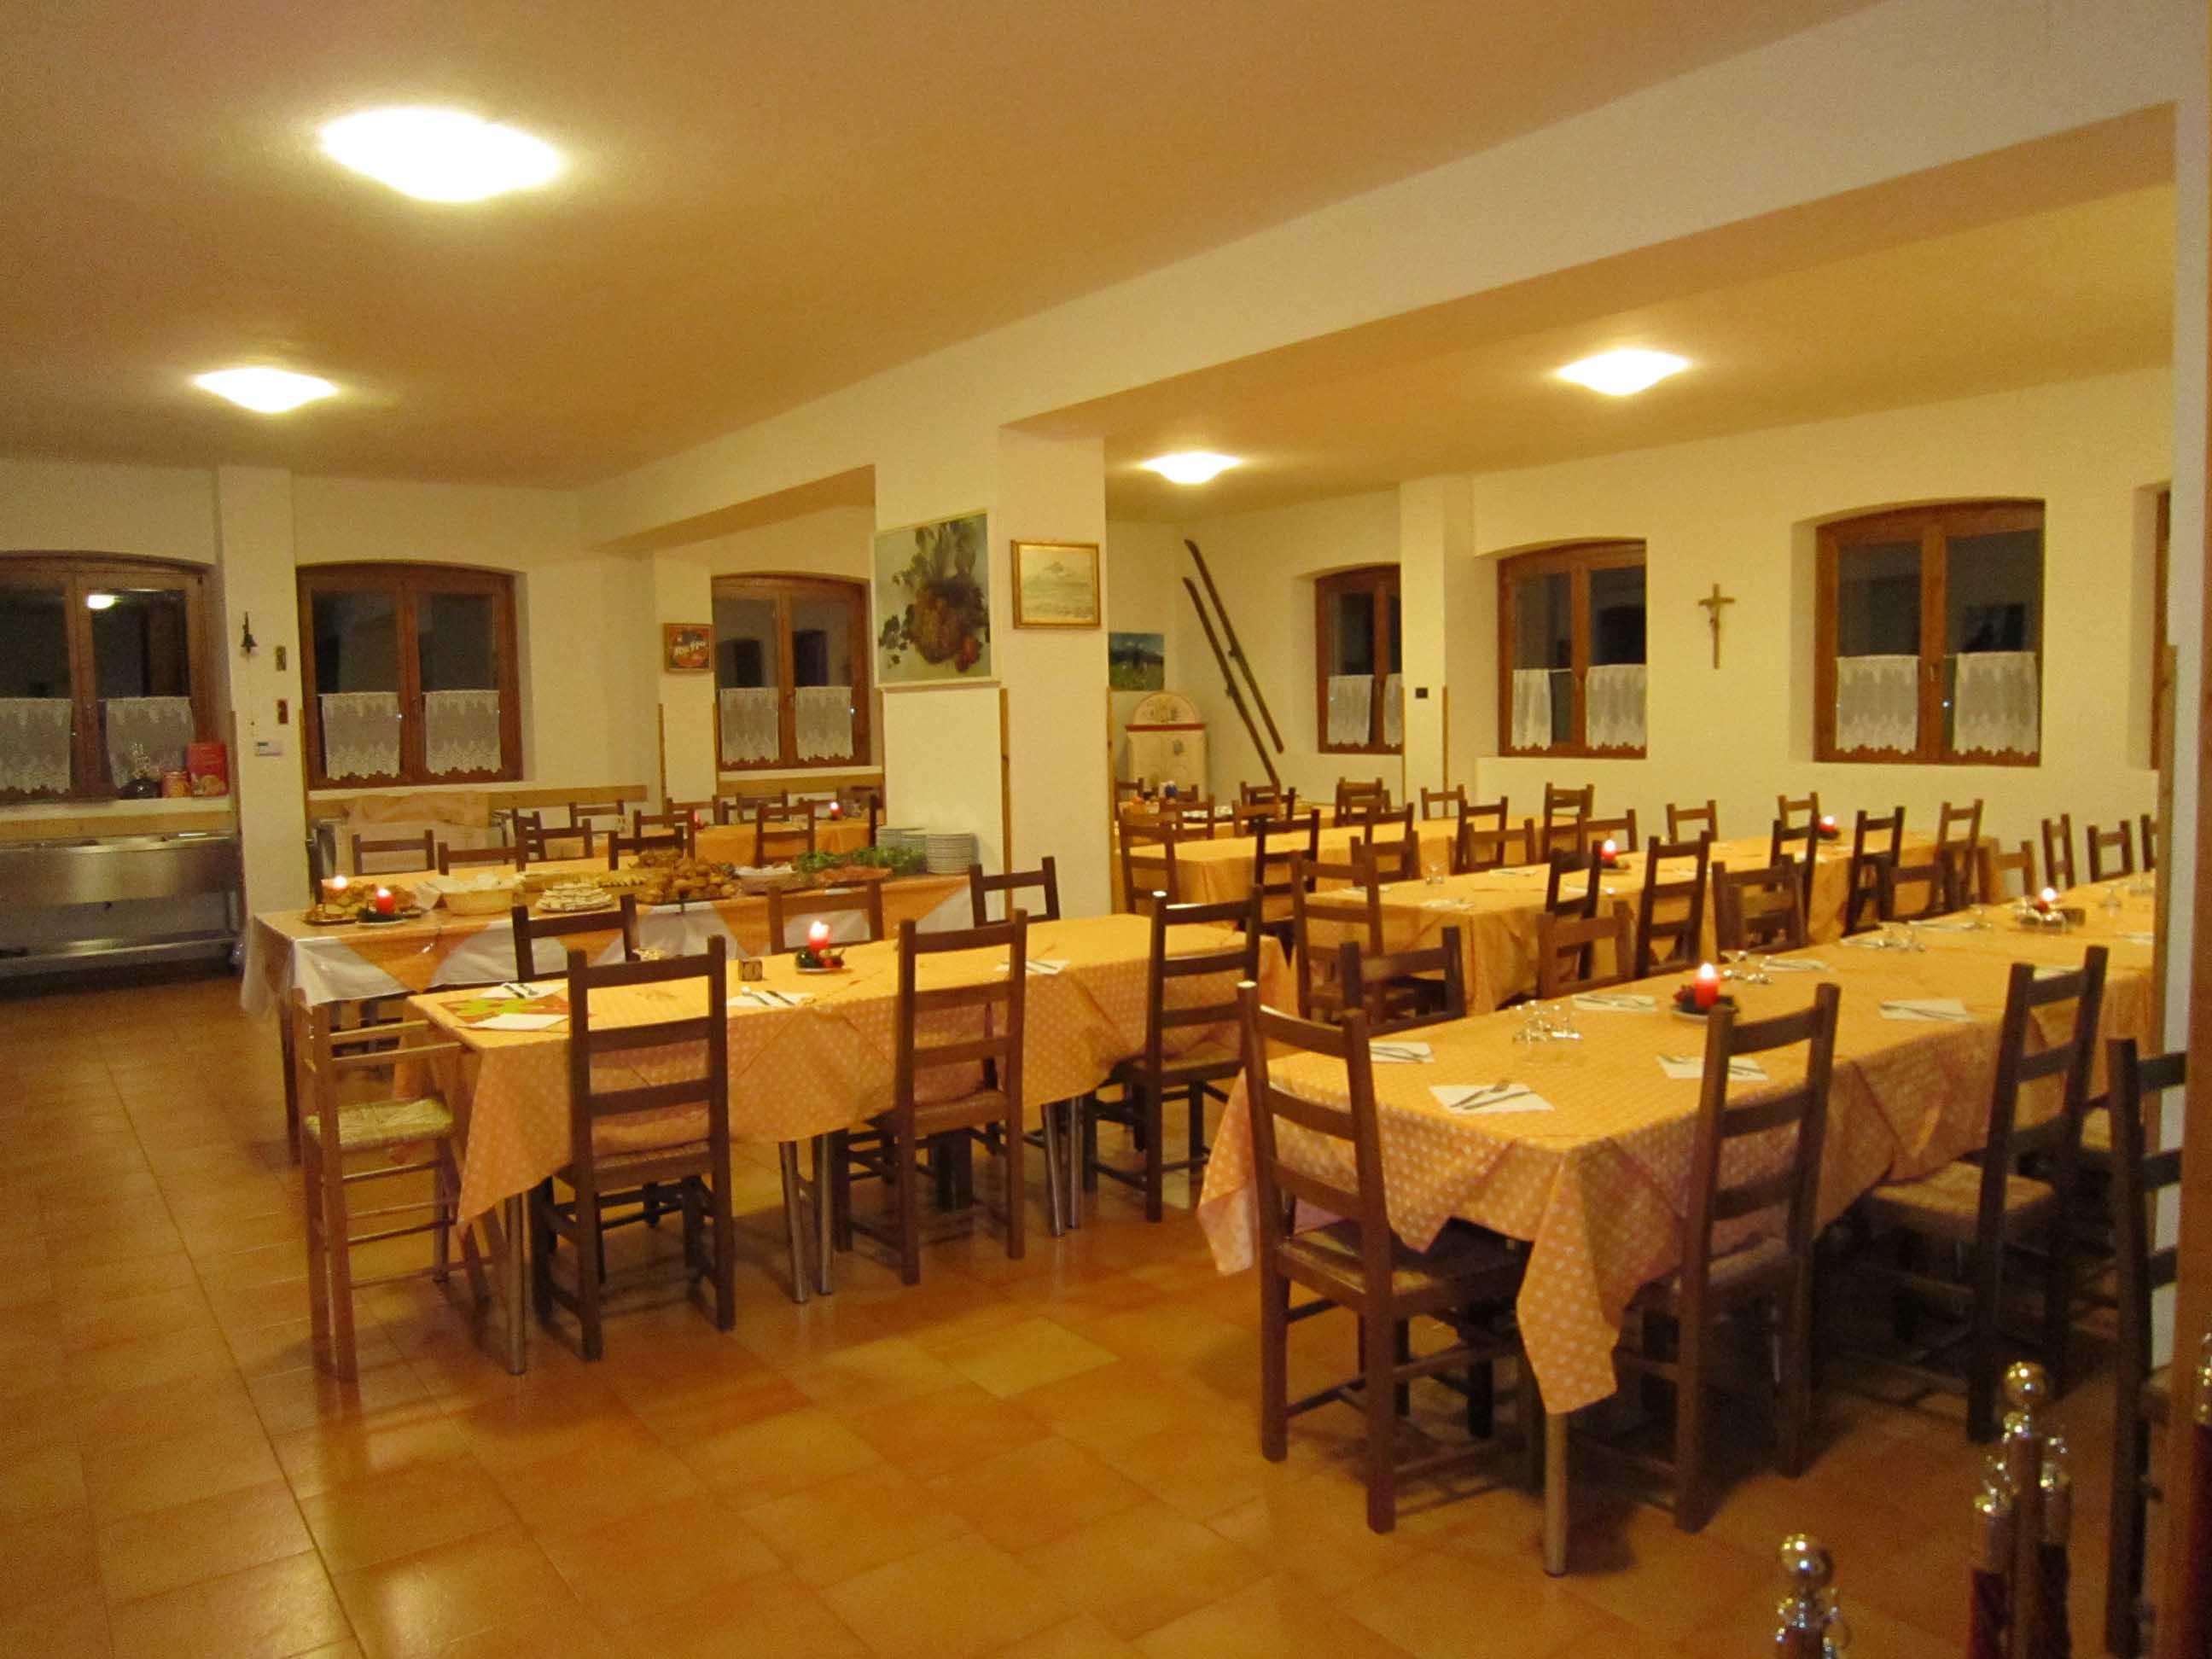 Casa Alpina A Canale D'Agordo (BL) Rif. 358 #BF3704 2592 1944 Sala Da Pranzo Da Colorare